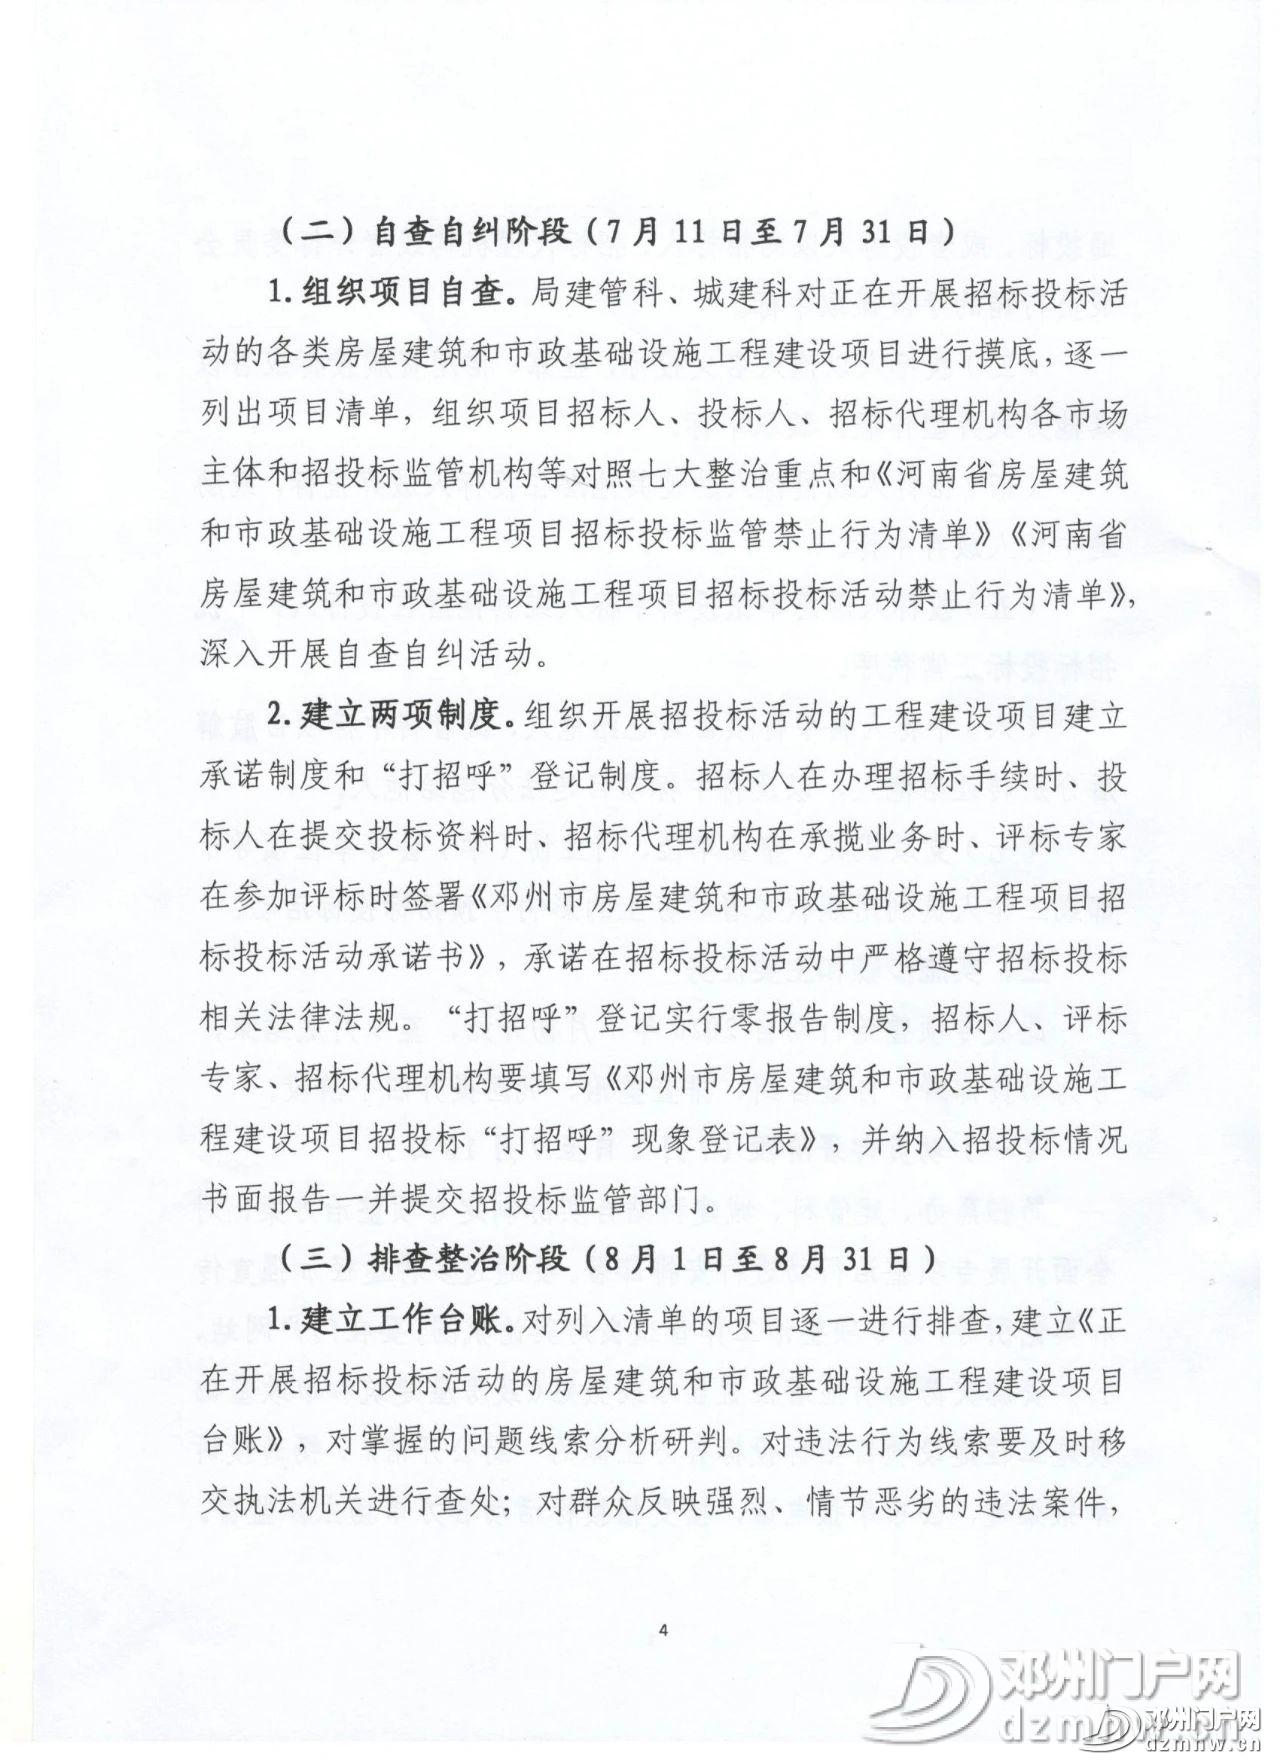 邓州市住房和城乡建设局关于印发全市工程建设行业专项整治工作实施方案的通知 - 邓州门户网|邓州网 - 04ef0739516c6dd80f856c45b7347150.jpg